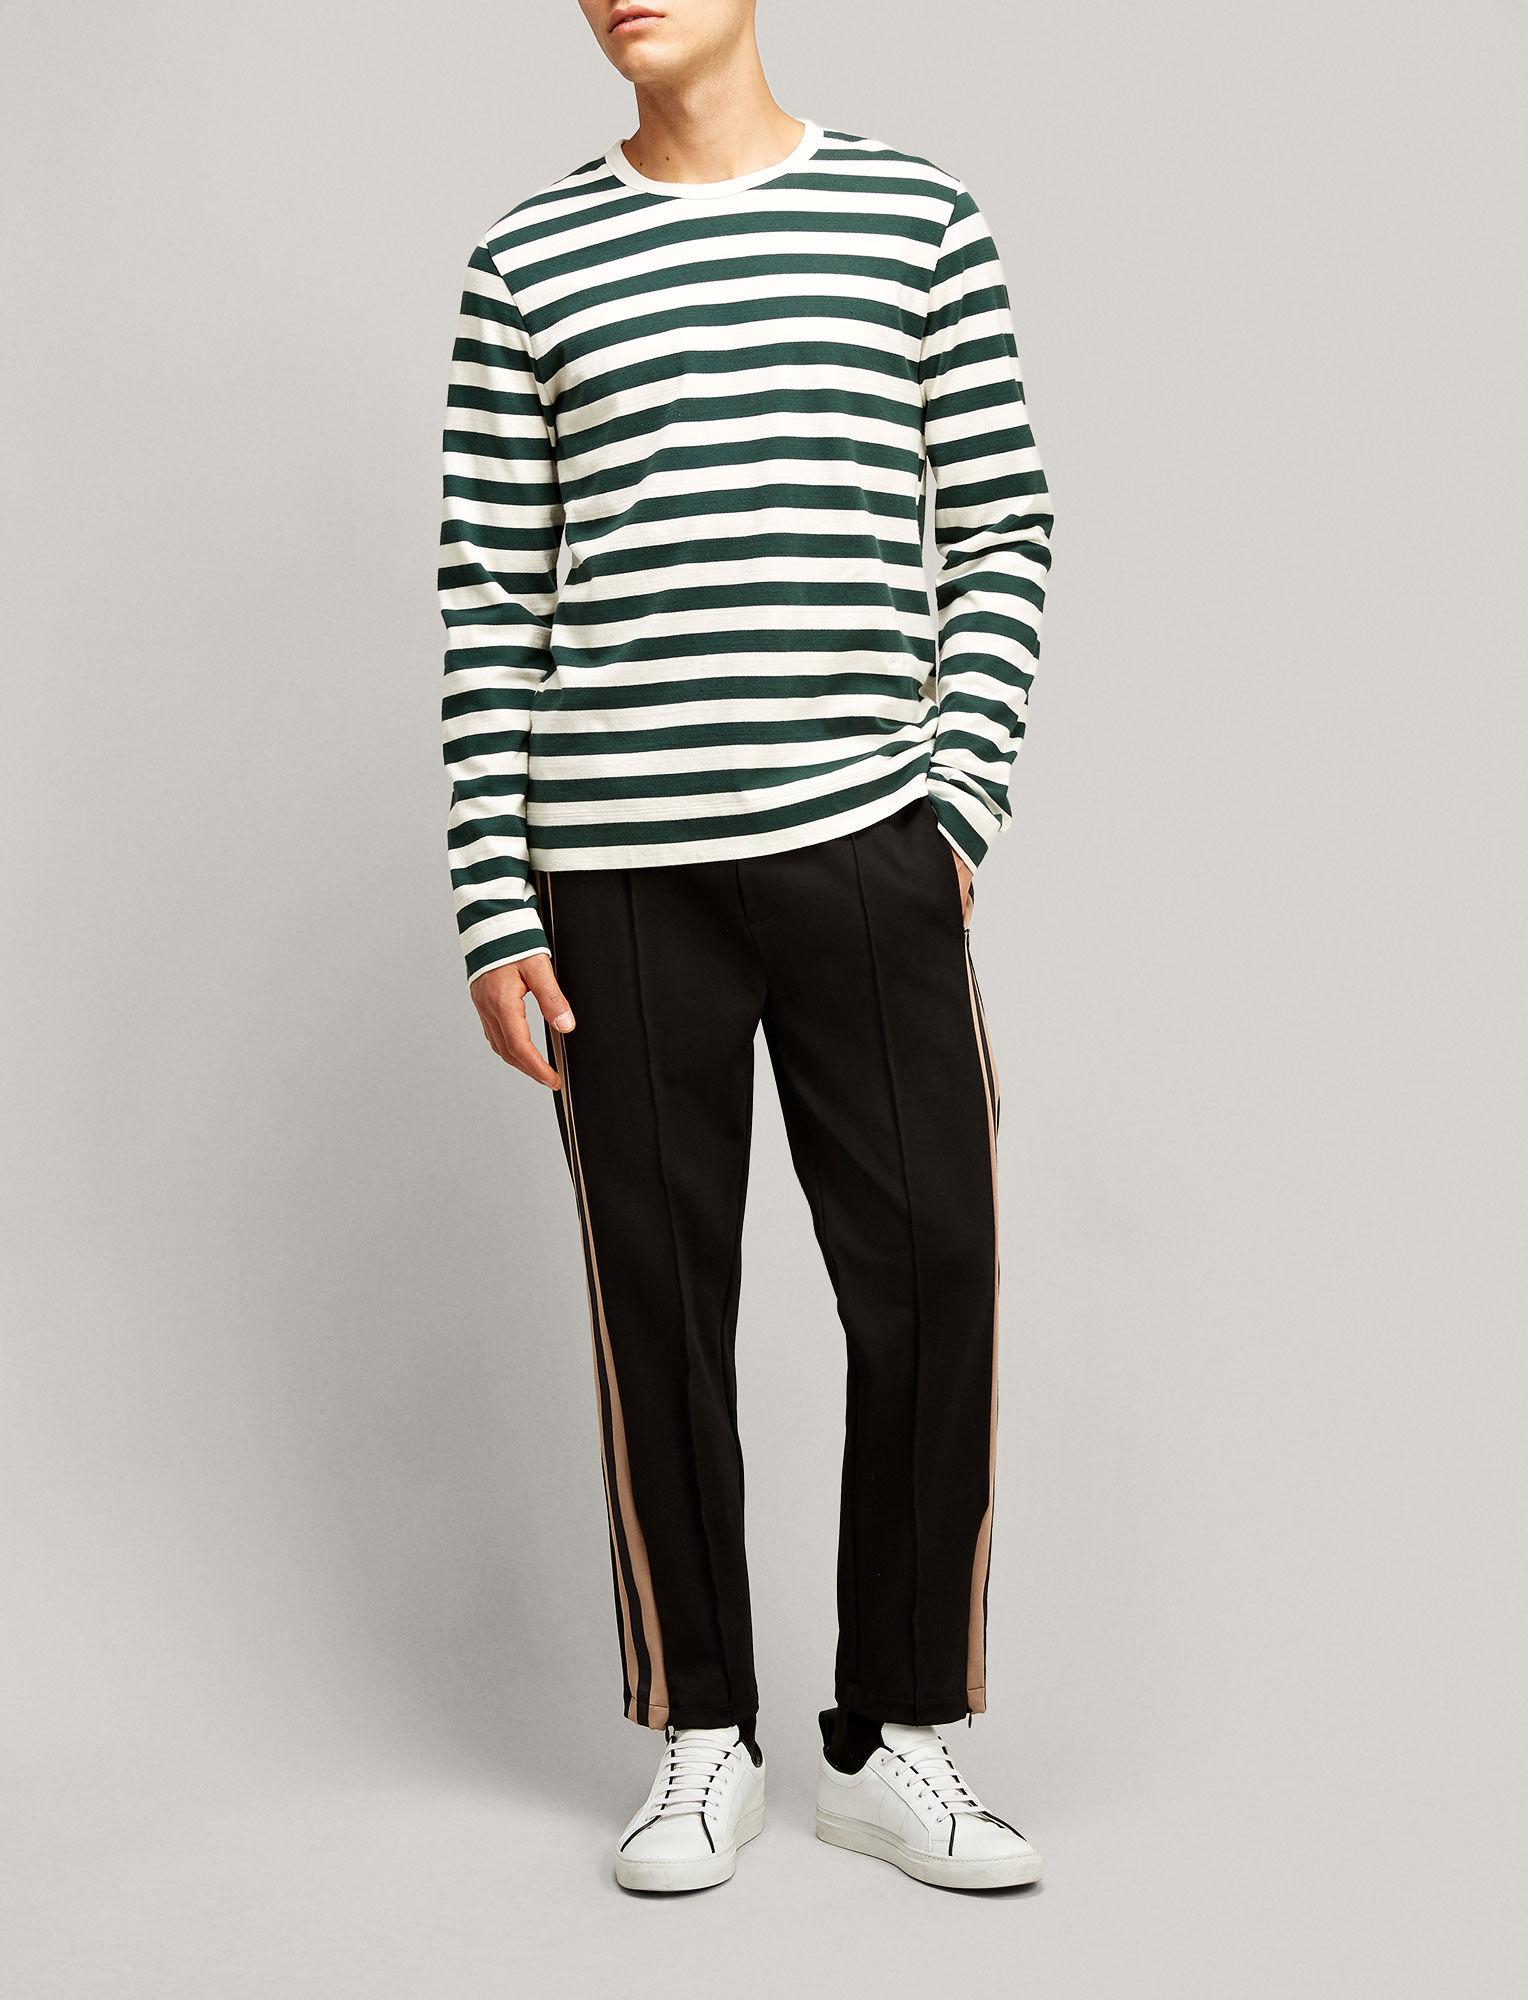 Pantalon - Pantalon Décontracté De Verrouillage Joseph K40mQKb46